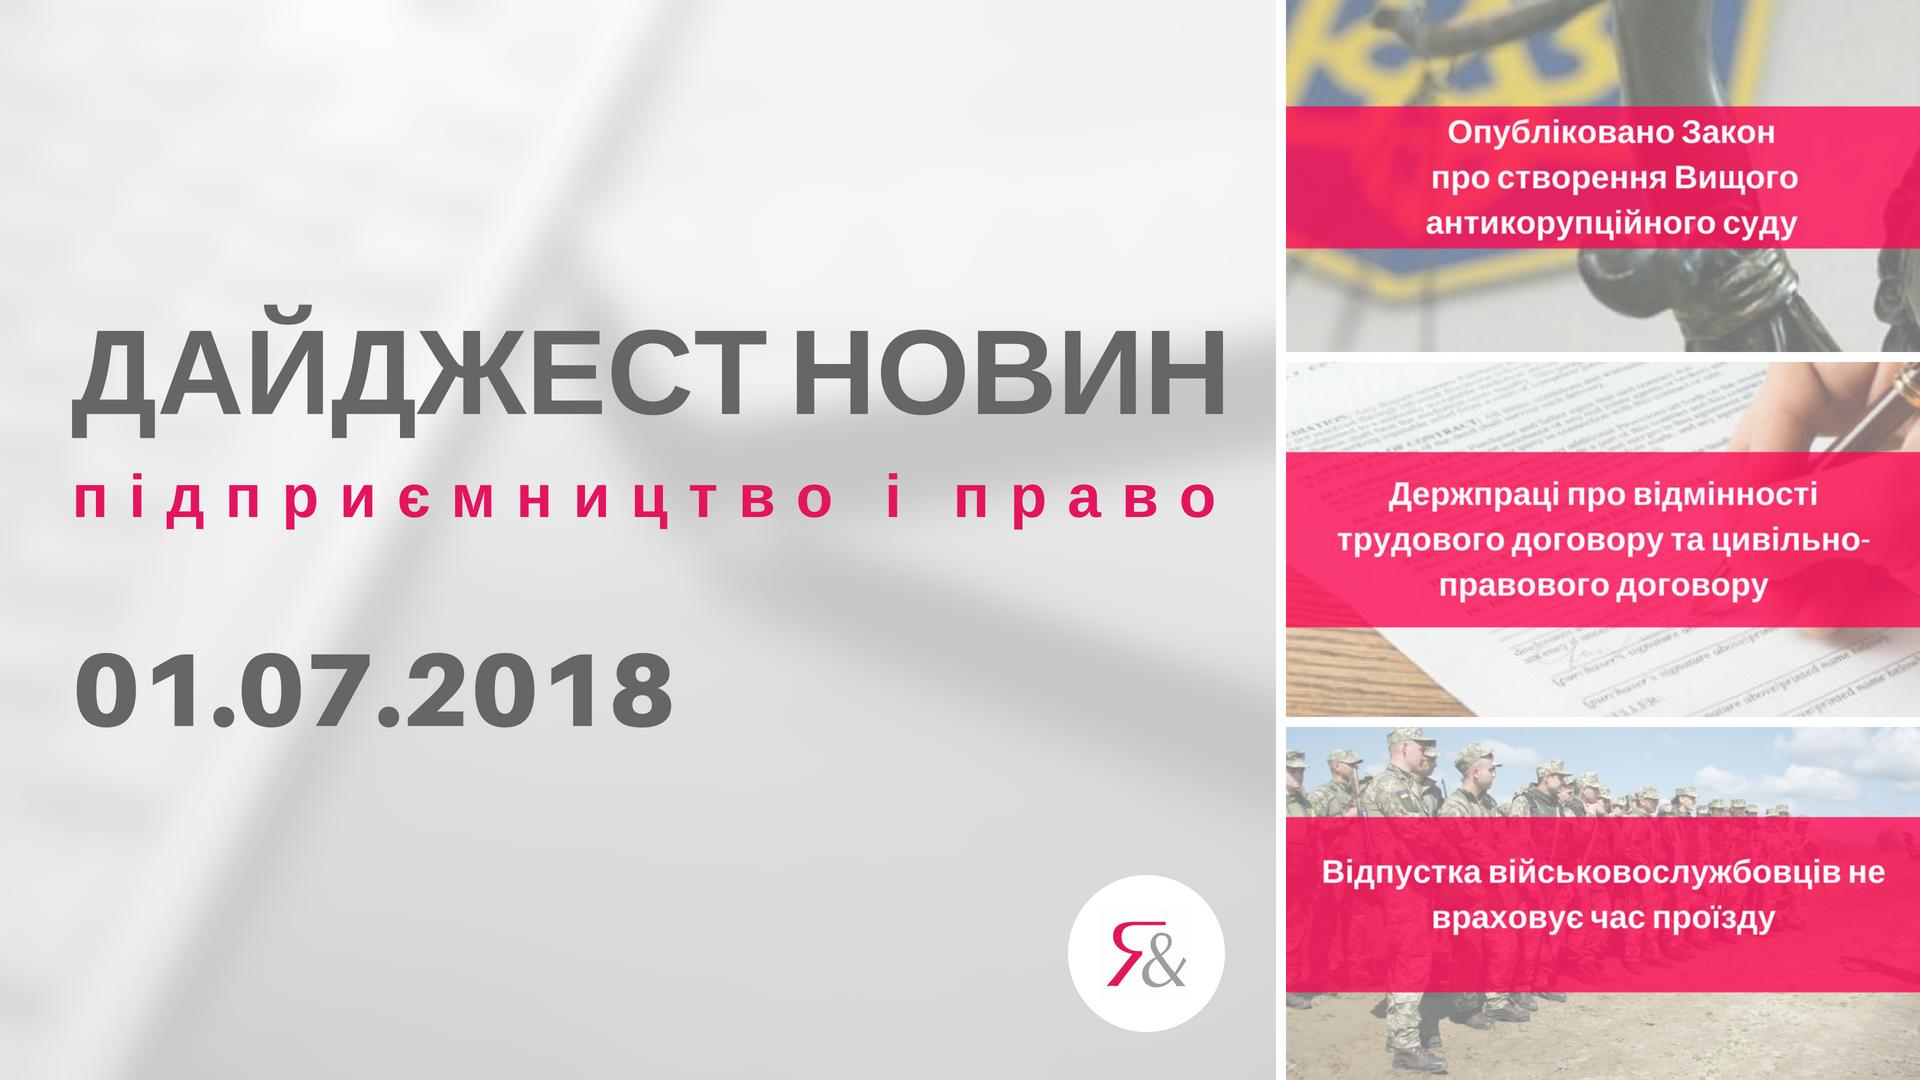 Дайджест нoвин «Підприємництво і право» з 25.06.2018 пo 01.07.2018